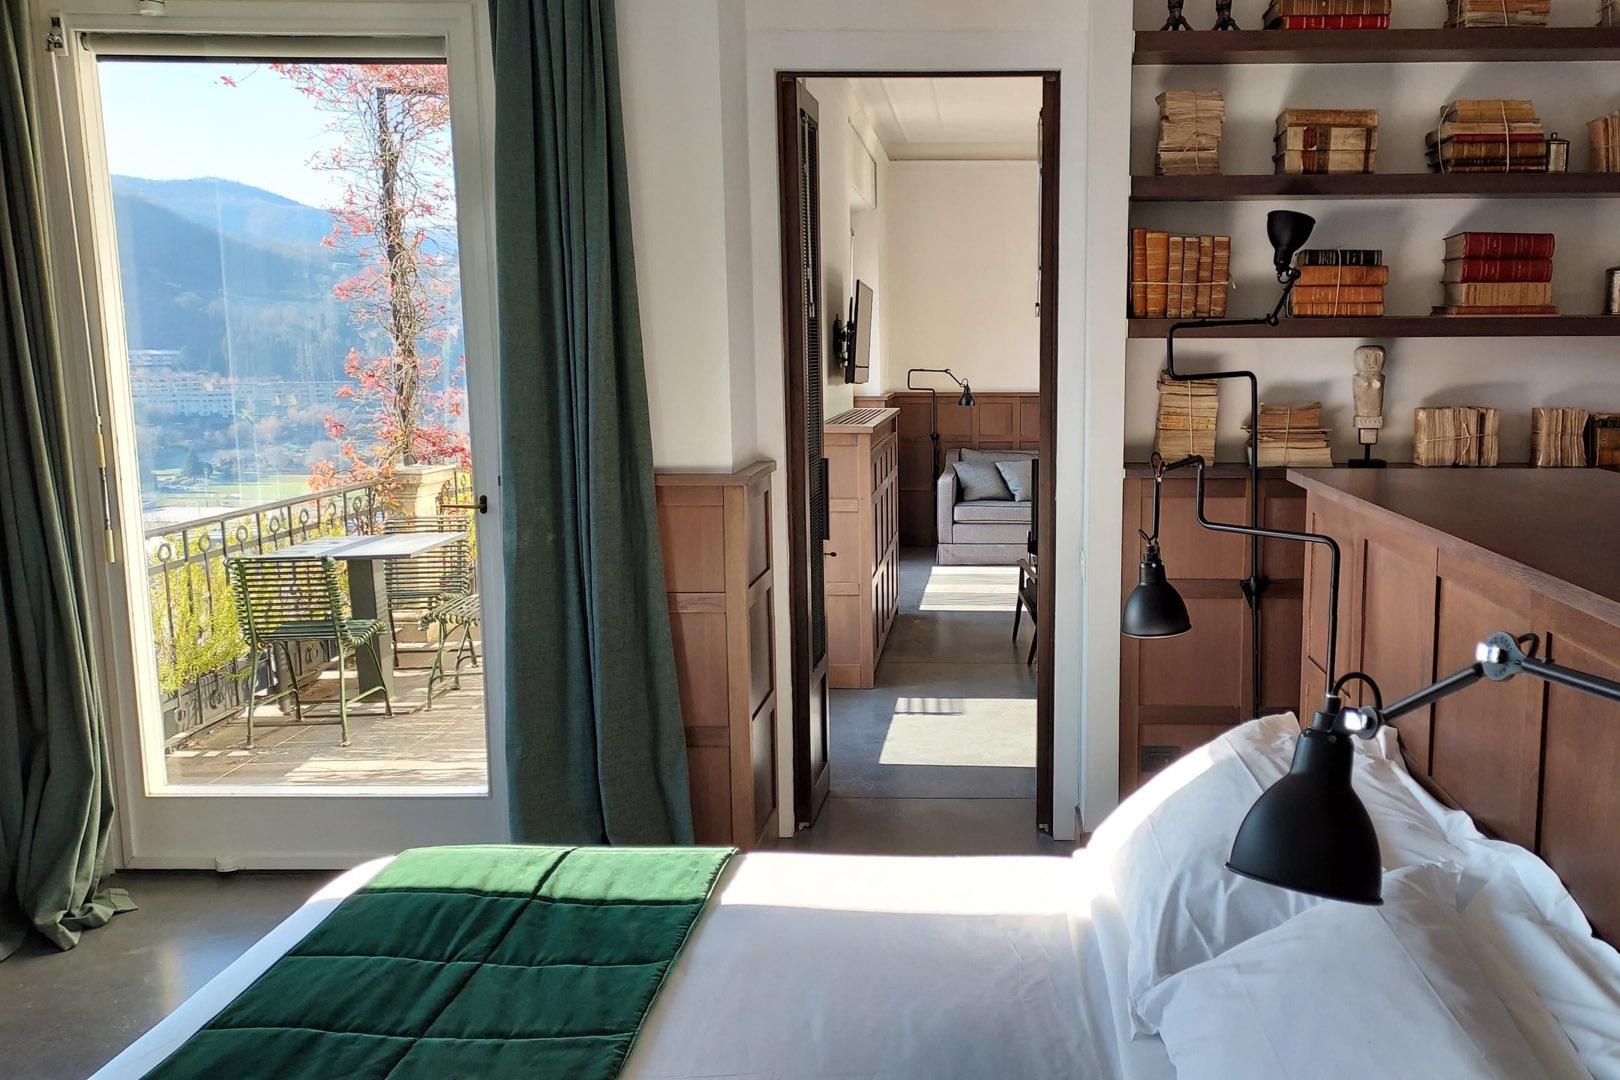 Gli Indirizzi dal Fascino Senza Tempo per un Soggiorno sul Lago di Como